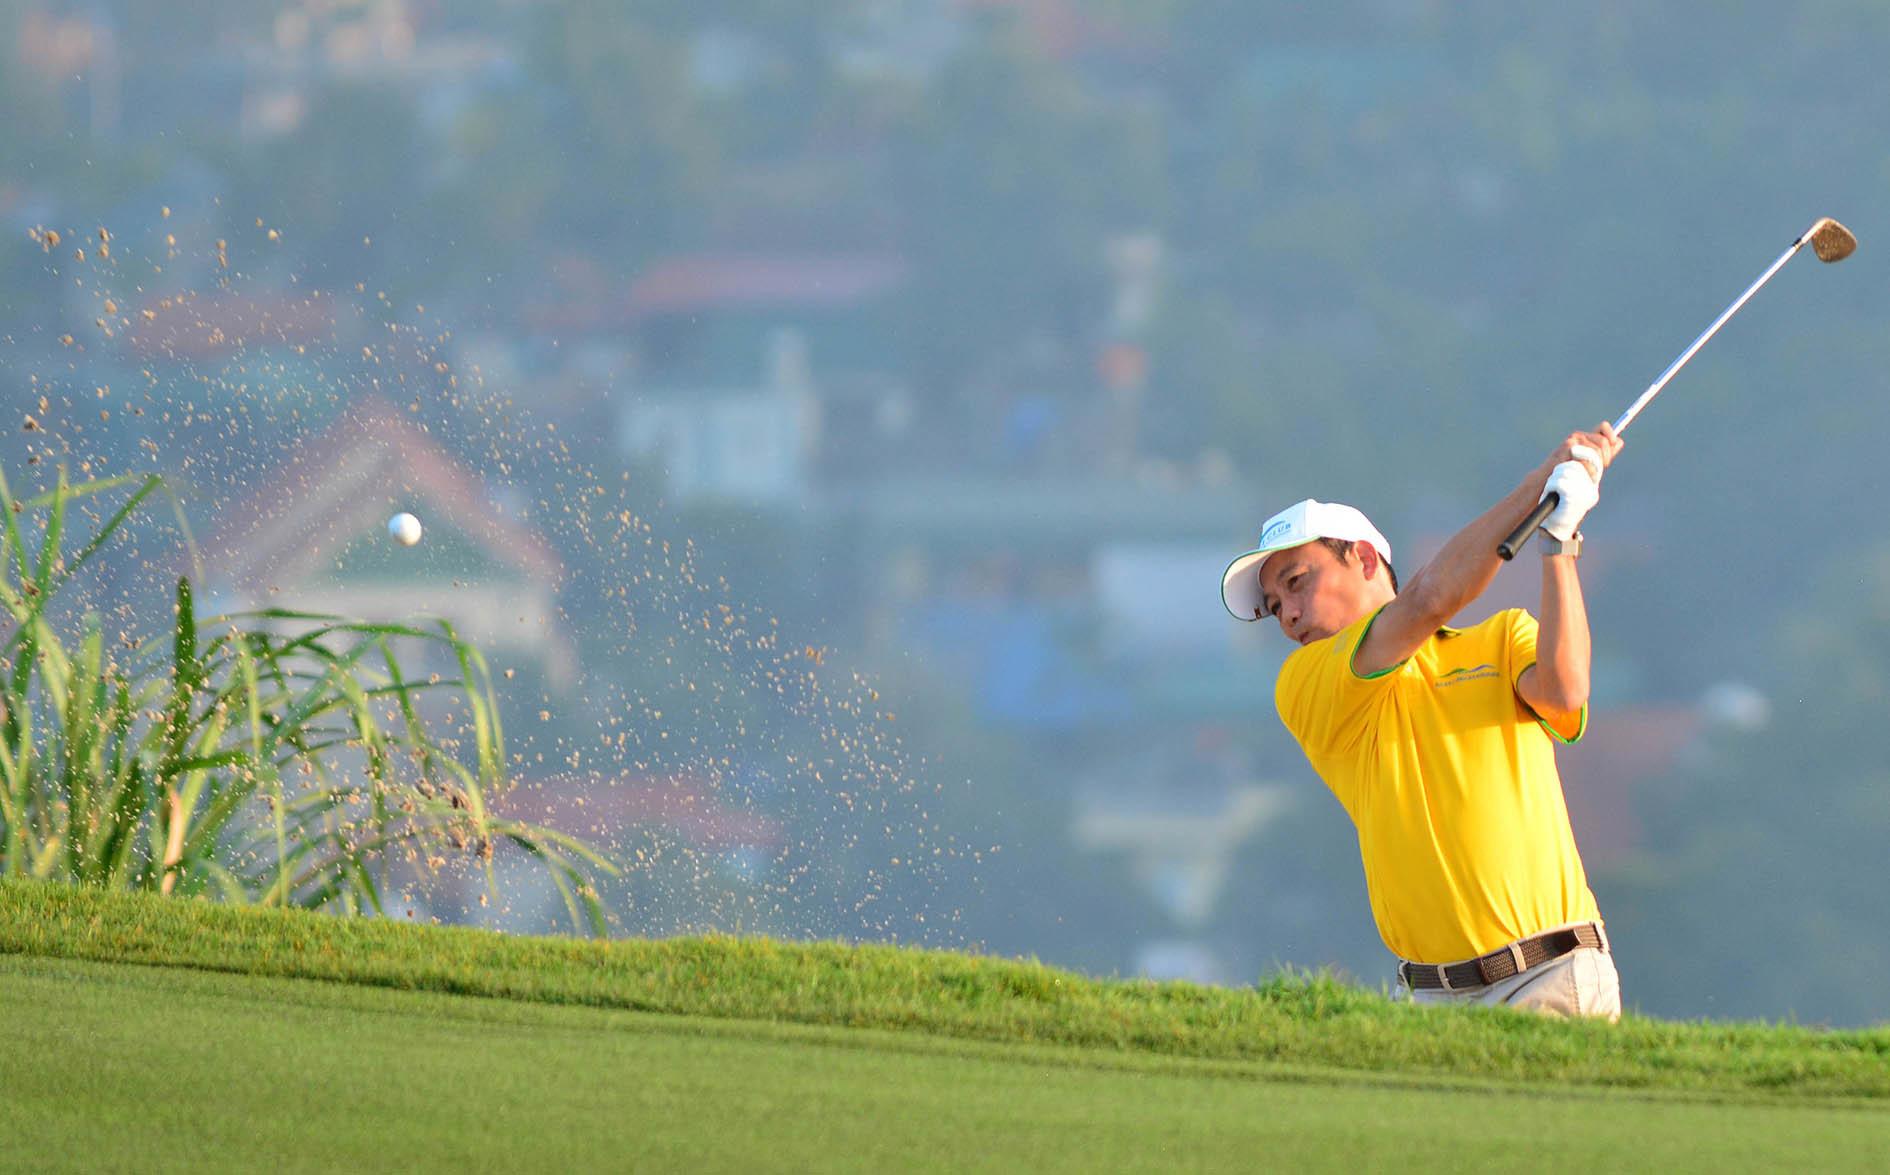 Việt Nam 100 sân golf chưa đủ: Từ Bắc chí Nam xin mở thêm